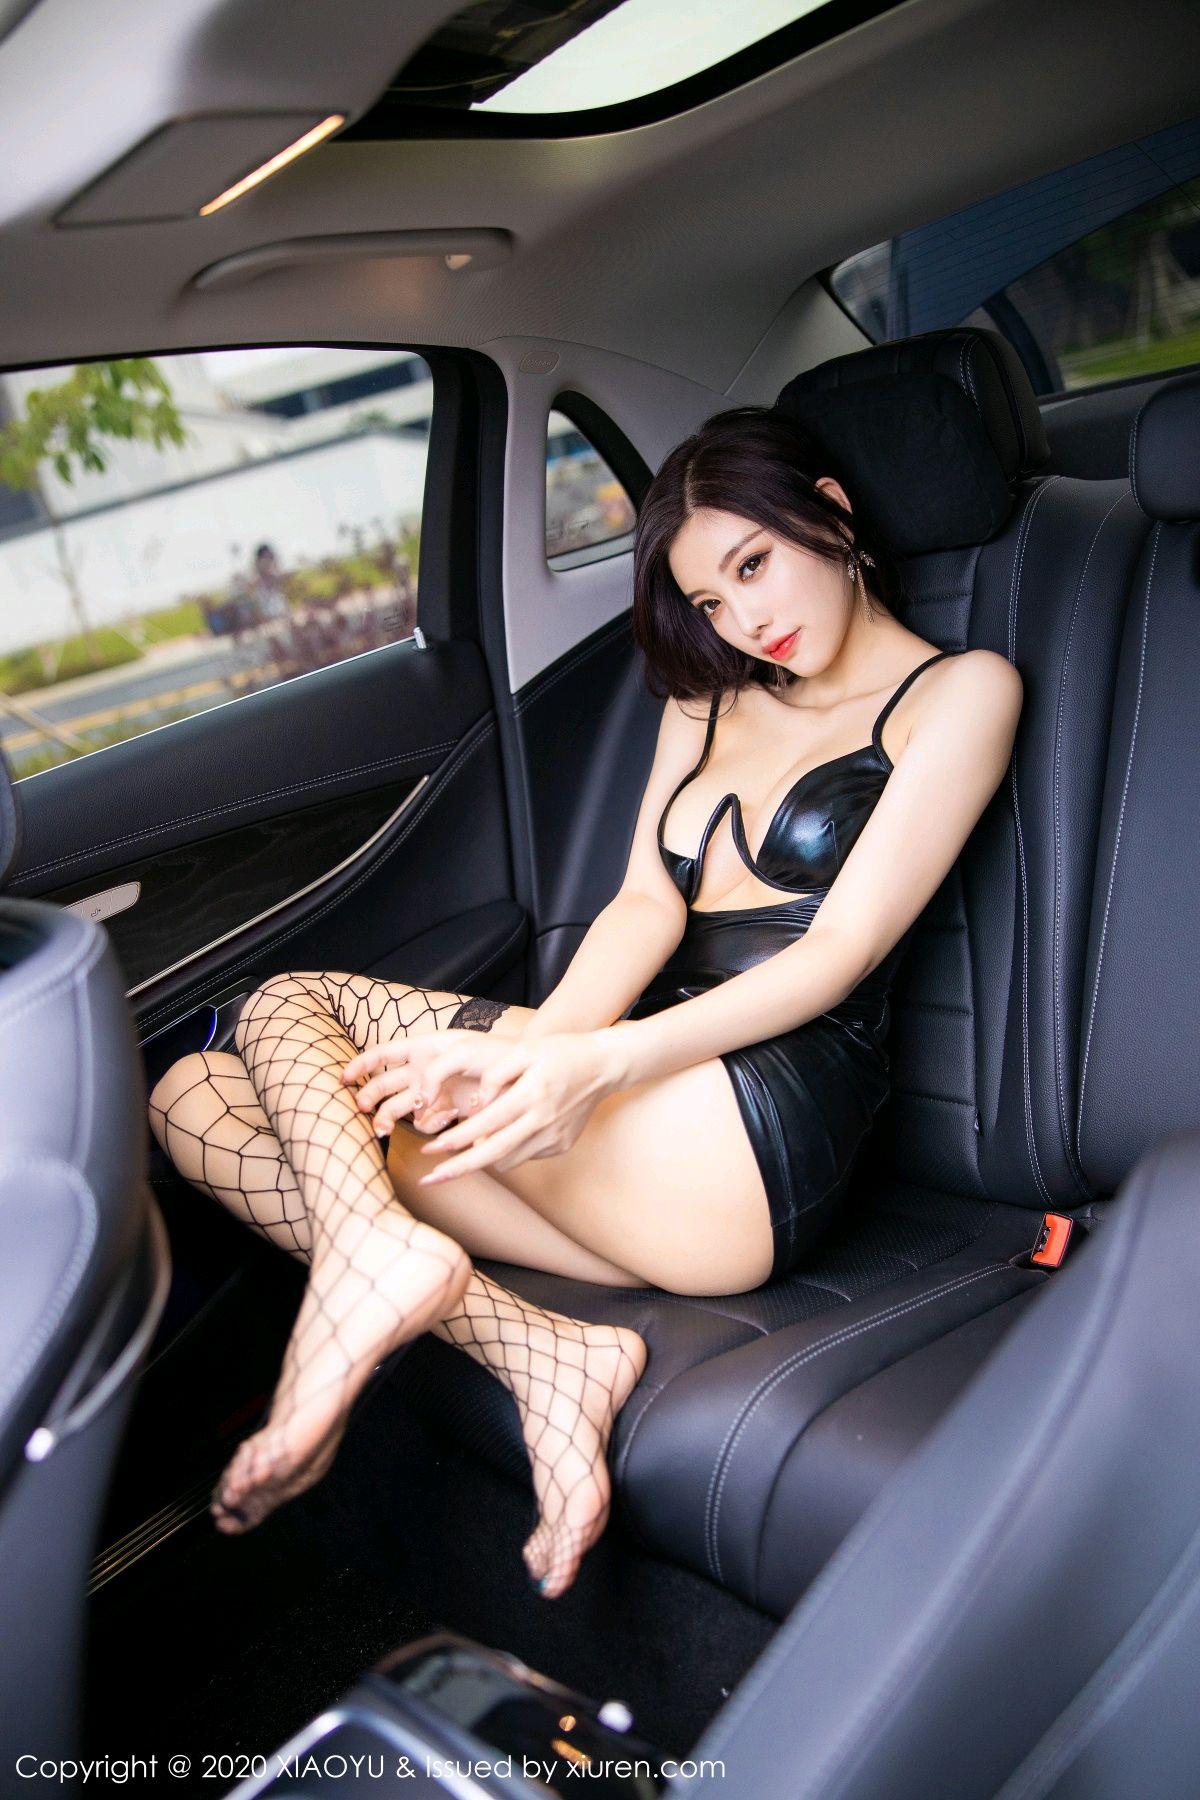 [XiuRen] Vol.338 Yang Chen Chen 77P, Outdoor, Tall, Xiuren, Yang Chen Chen